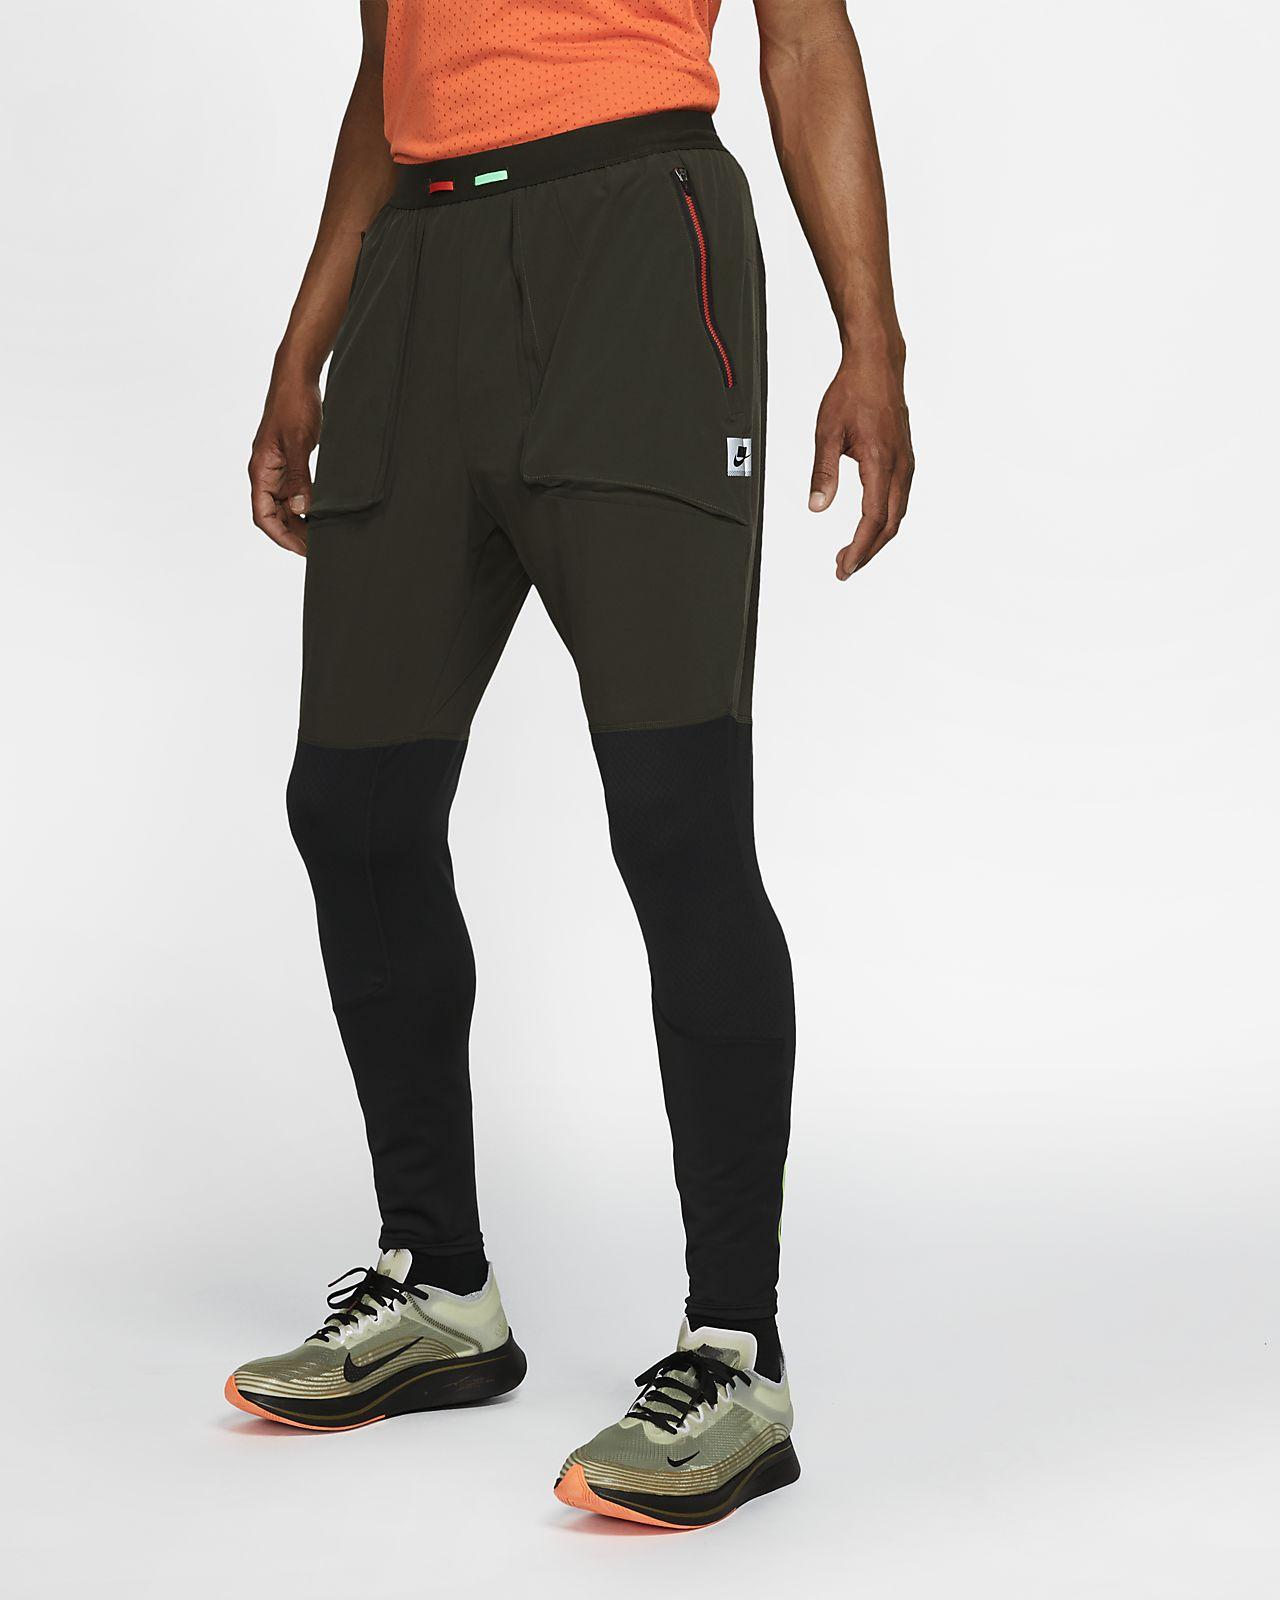 Nike Wild Run Men's Running Trousers